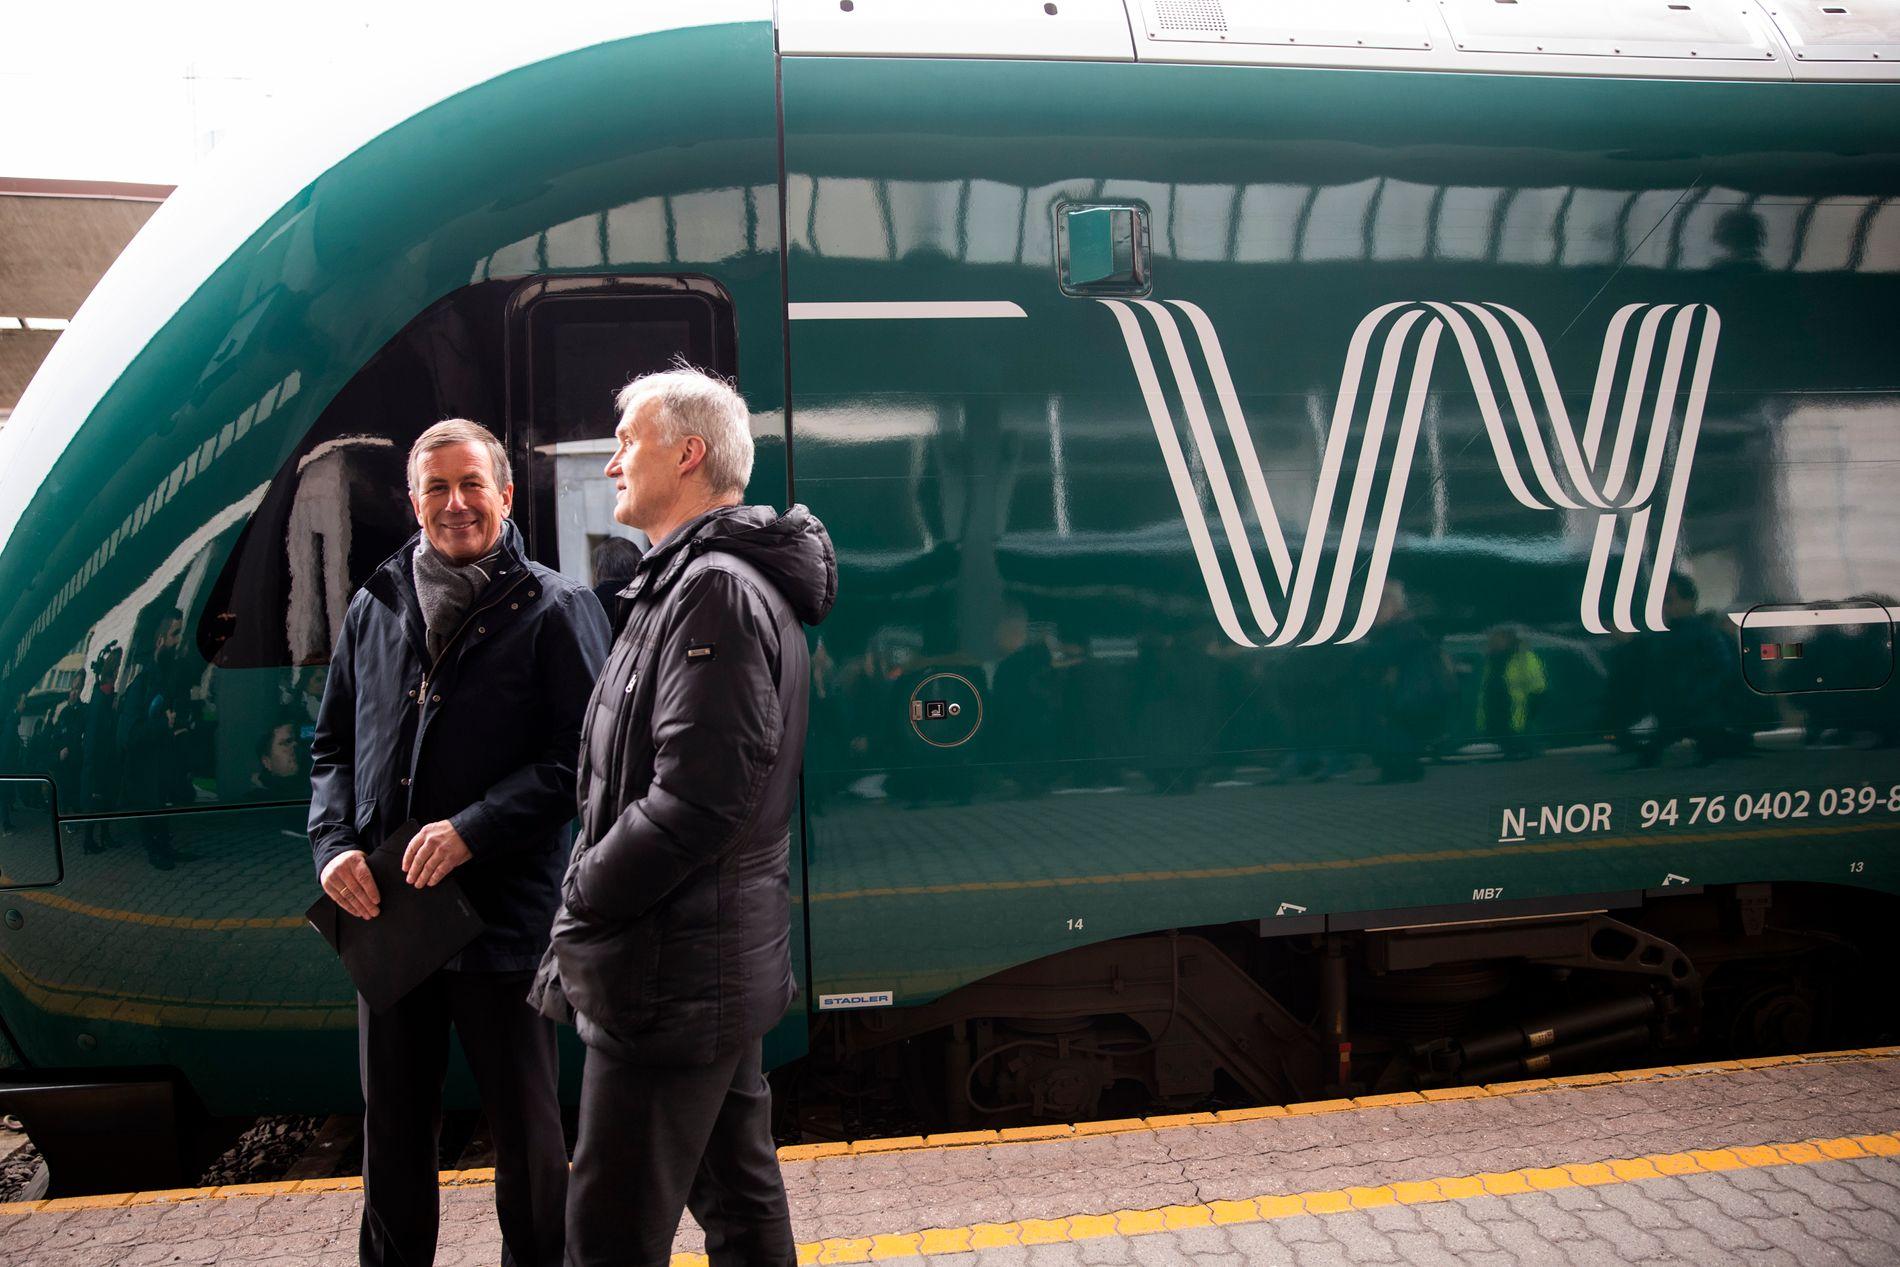 NYTT NAVN: Vy blir det nye navnet når NSB samler tog- og bussvirksomheten under en ny, felles merkevare.